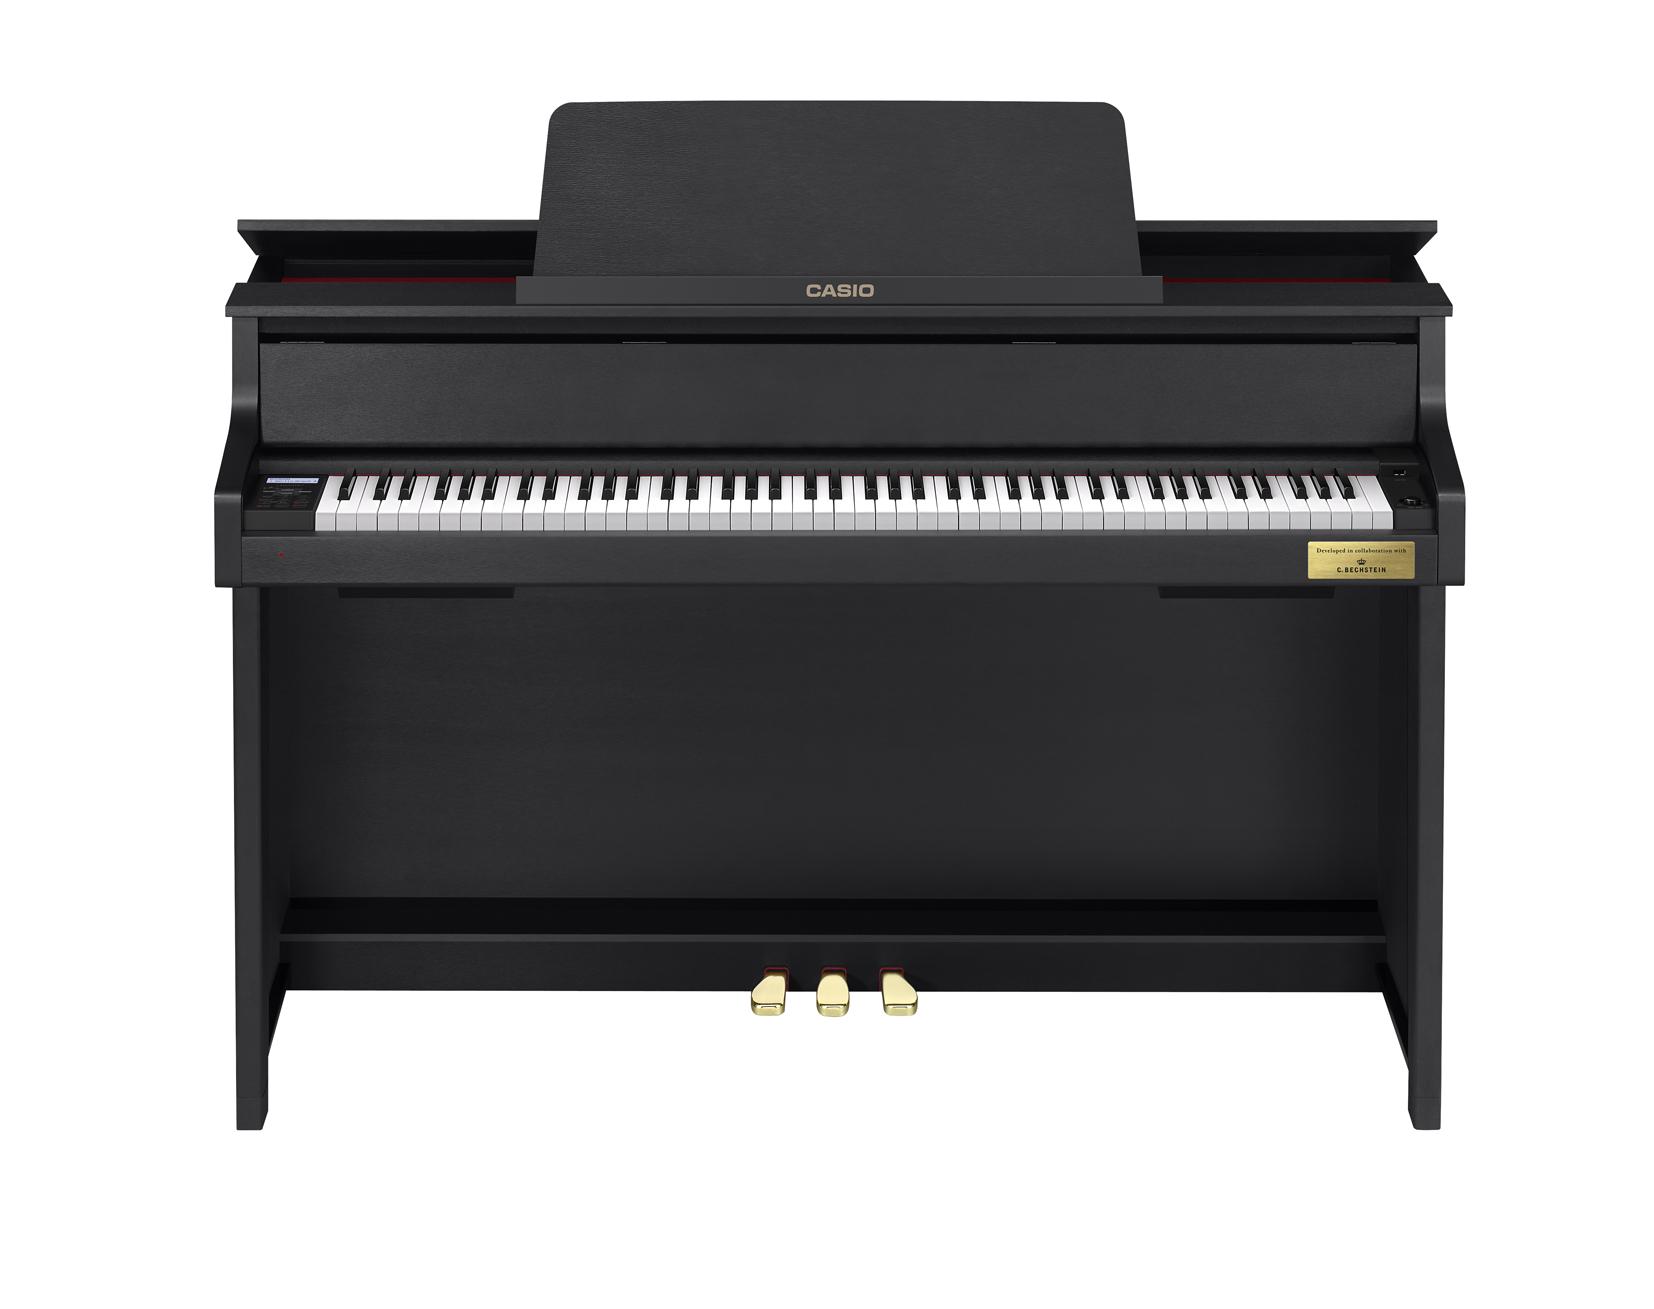 Casio GP-300BK Grand Hybrid Piano front